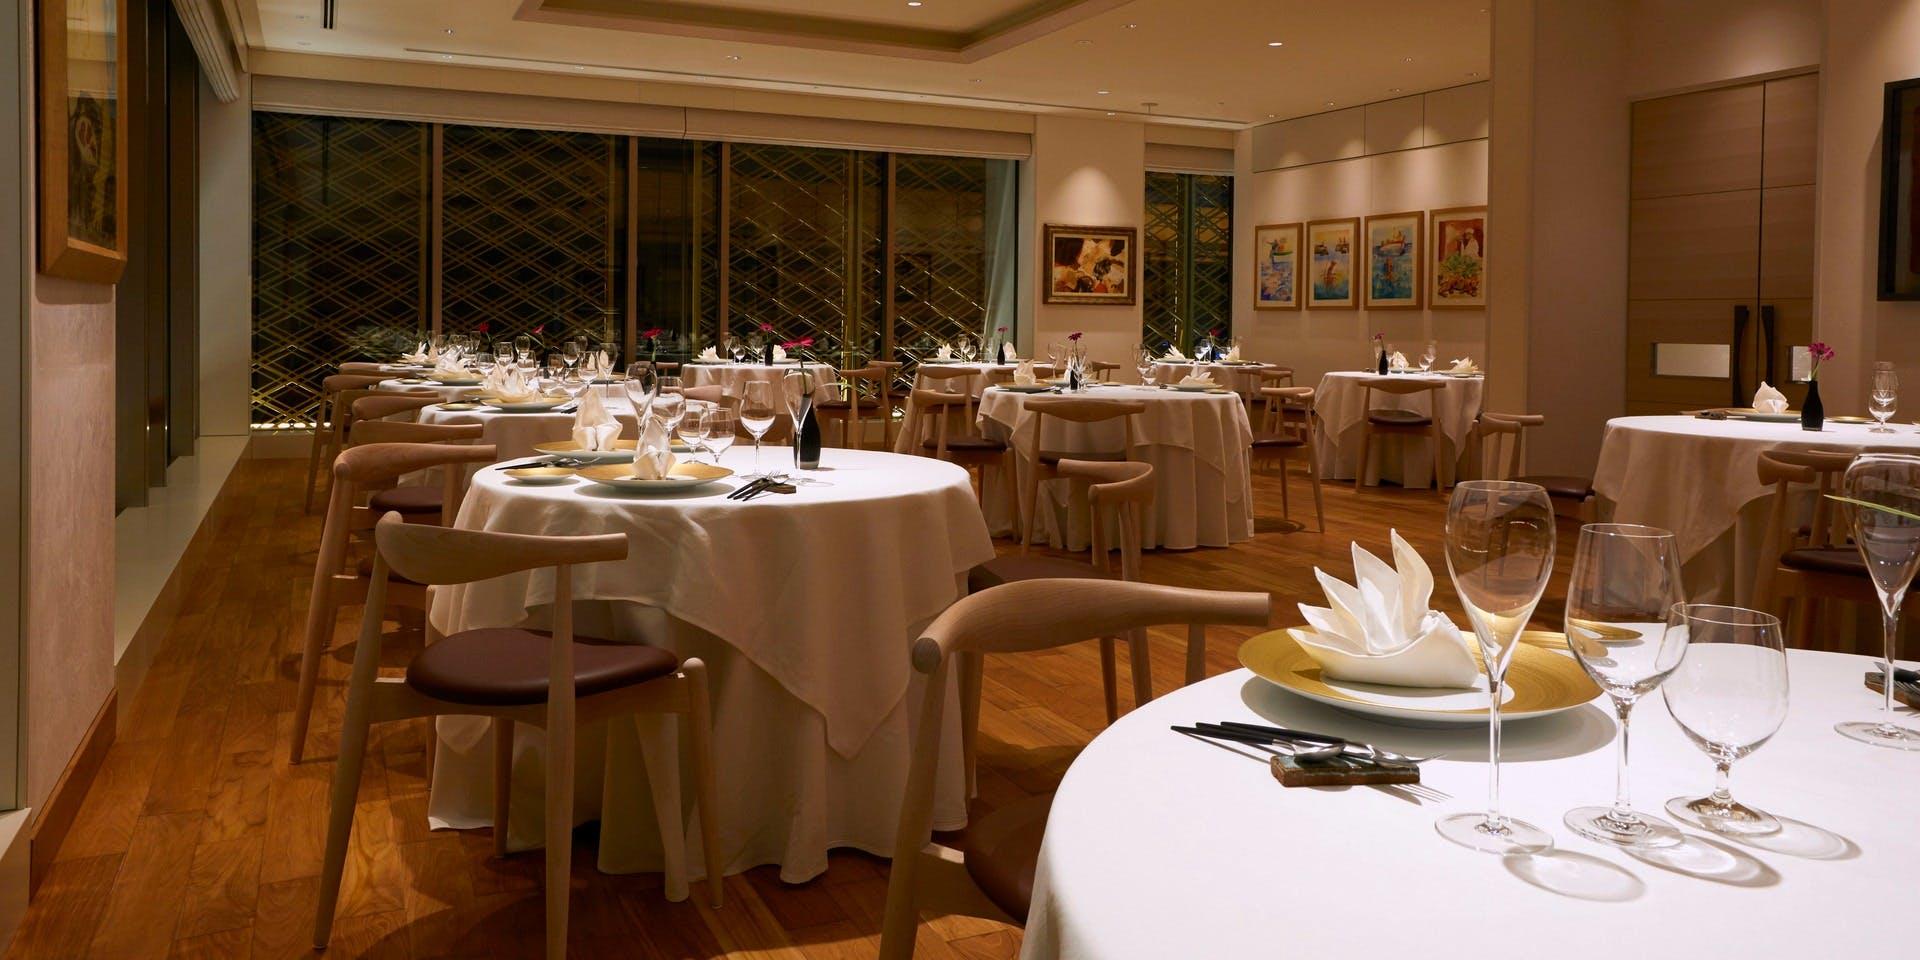 記念日におすすめのレストラン・Restaurant Sant Pau/ザ・キタノホテル東京の写真1